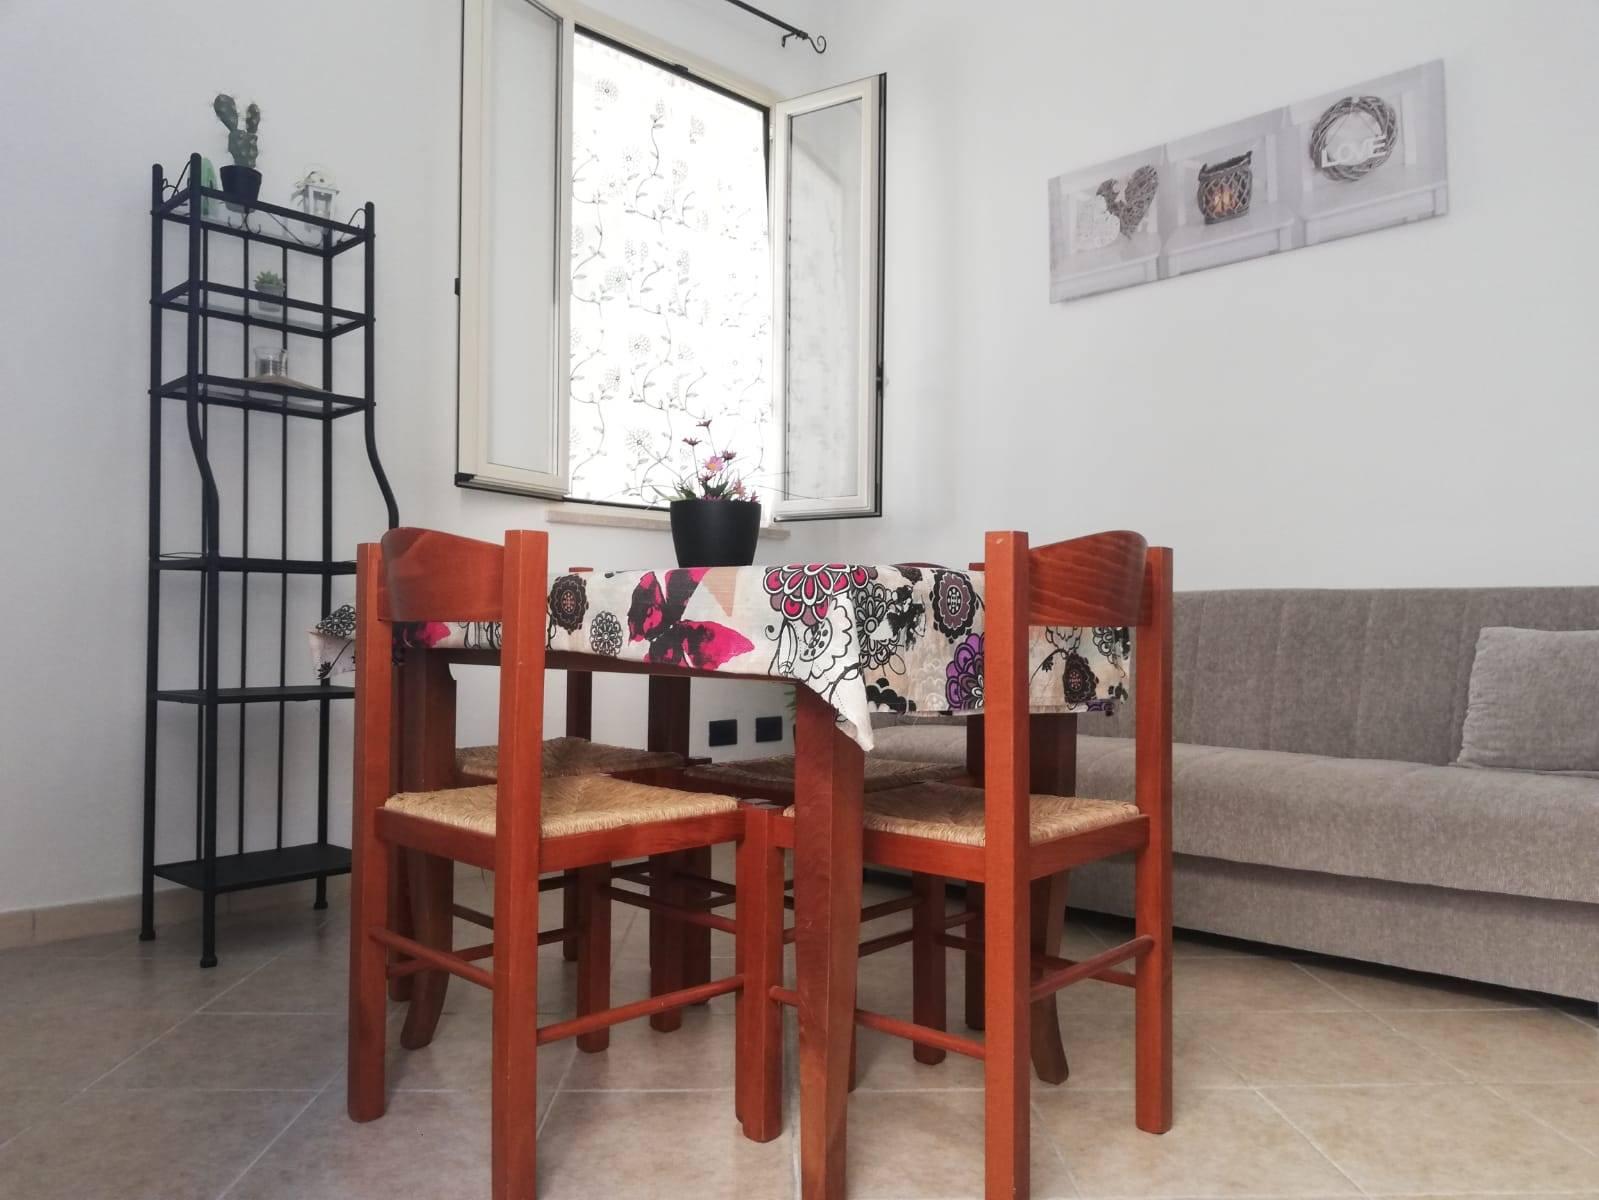 CAMPOFELICE DI ROCCELLA, Appartamento indipendente in affitto di 45 Mq, Ristrutturato, Riscaldamento Inesistente, Classe energetica: G, Epi: 175